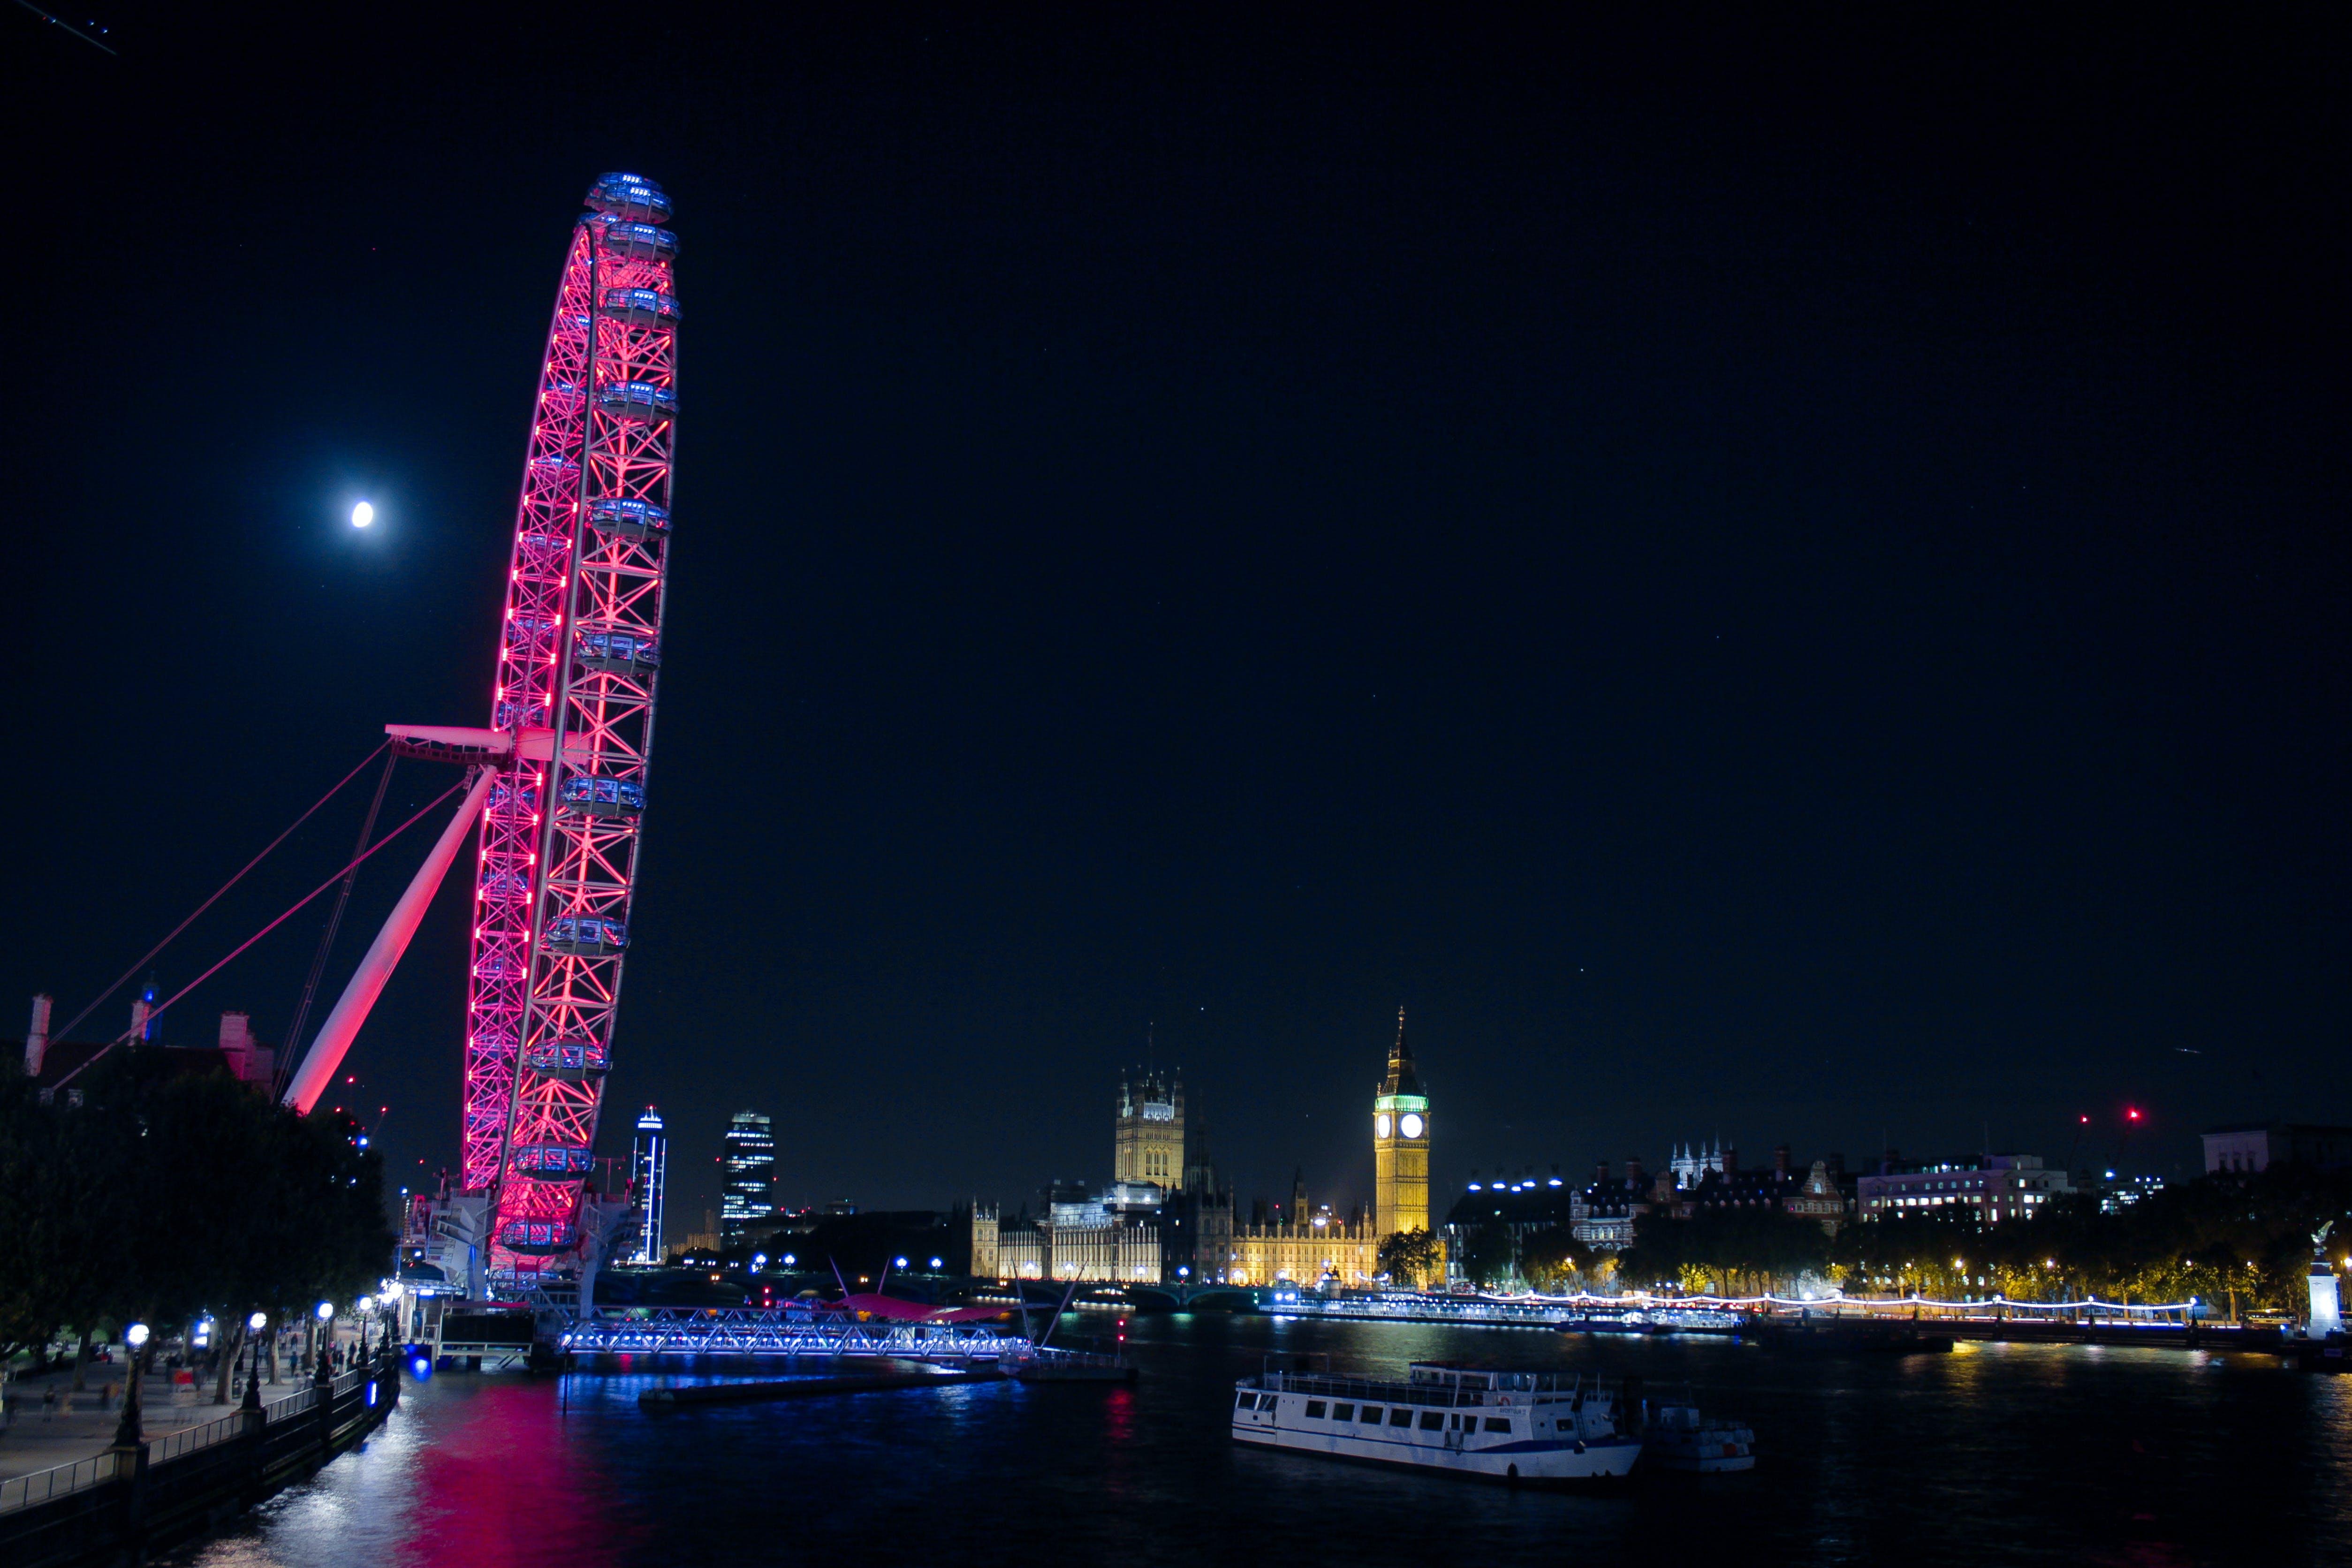 Δωρεάν στοκ φωτογραφιών με big ben, london eye, γέφυρα, κόκα κόλα